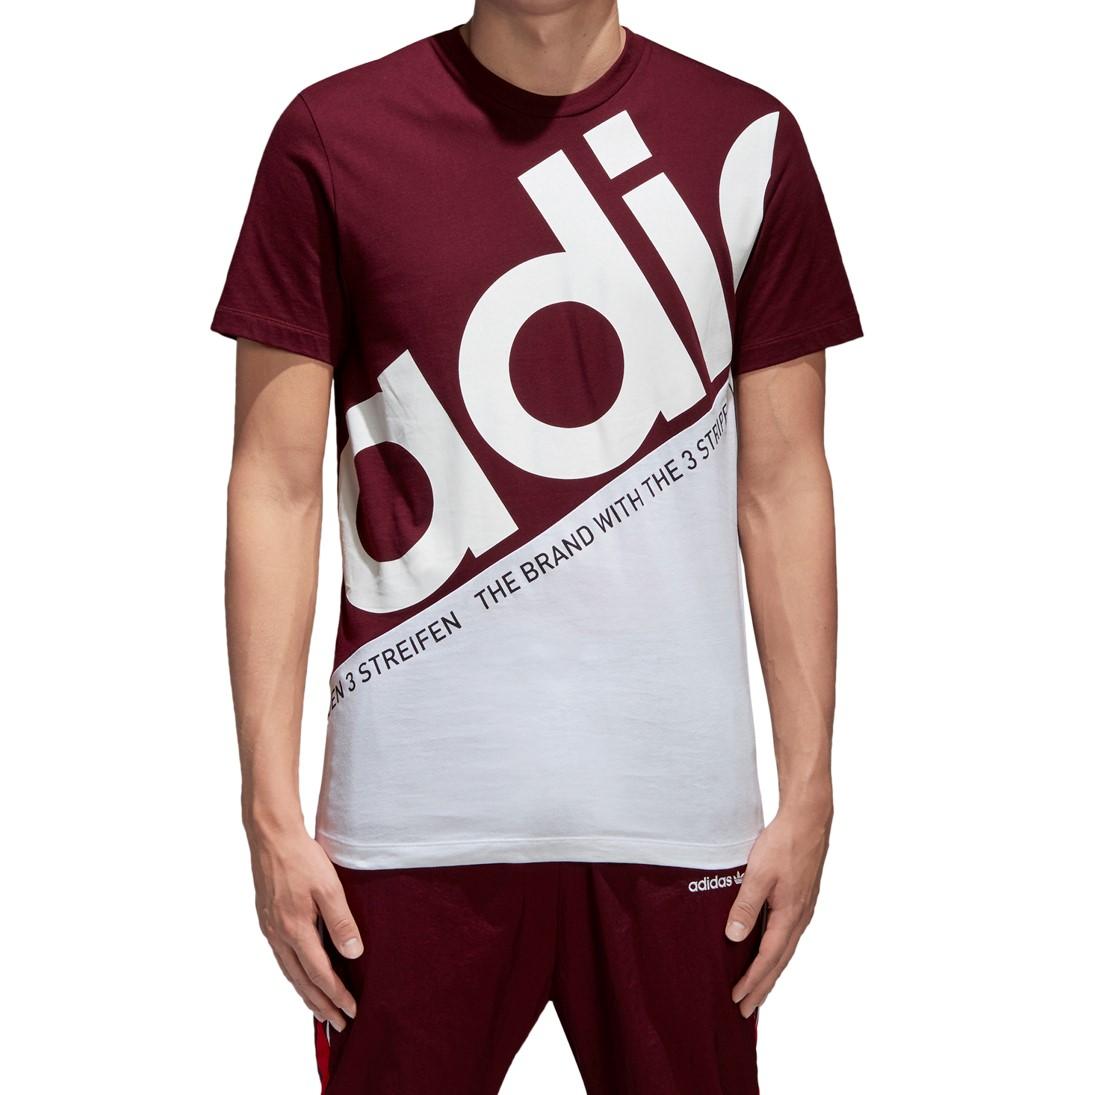 Details about Adidas Men's Originals Classsic Tee Maroon White bq9222